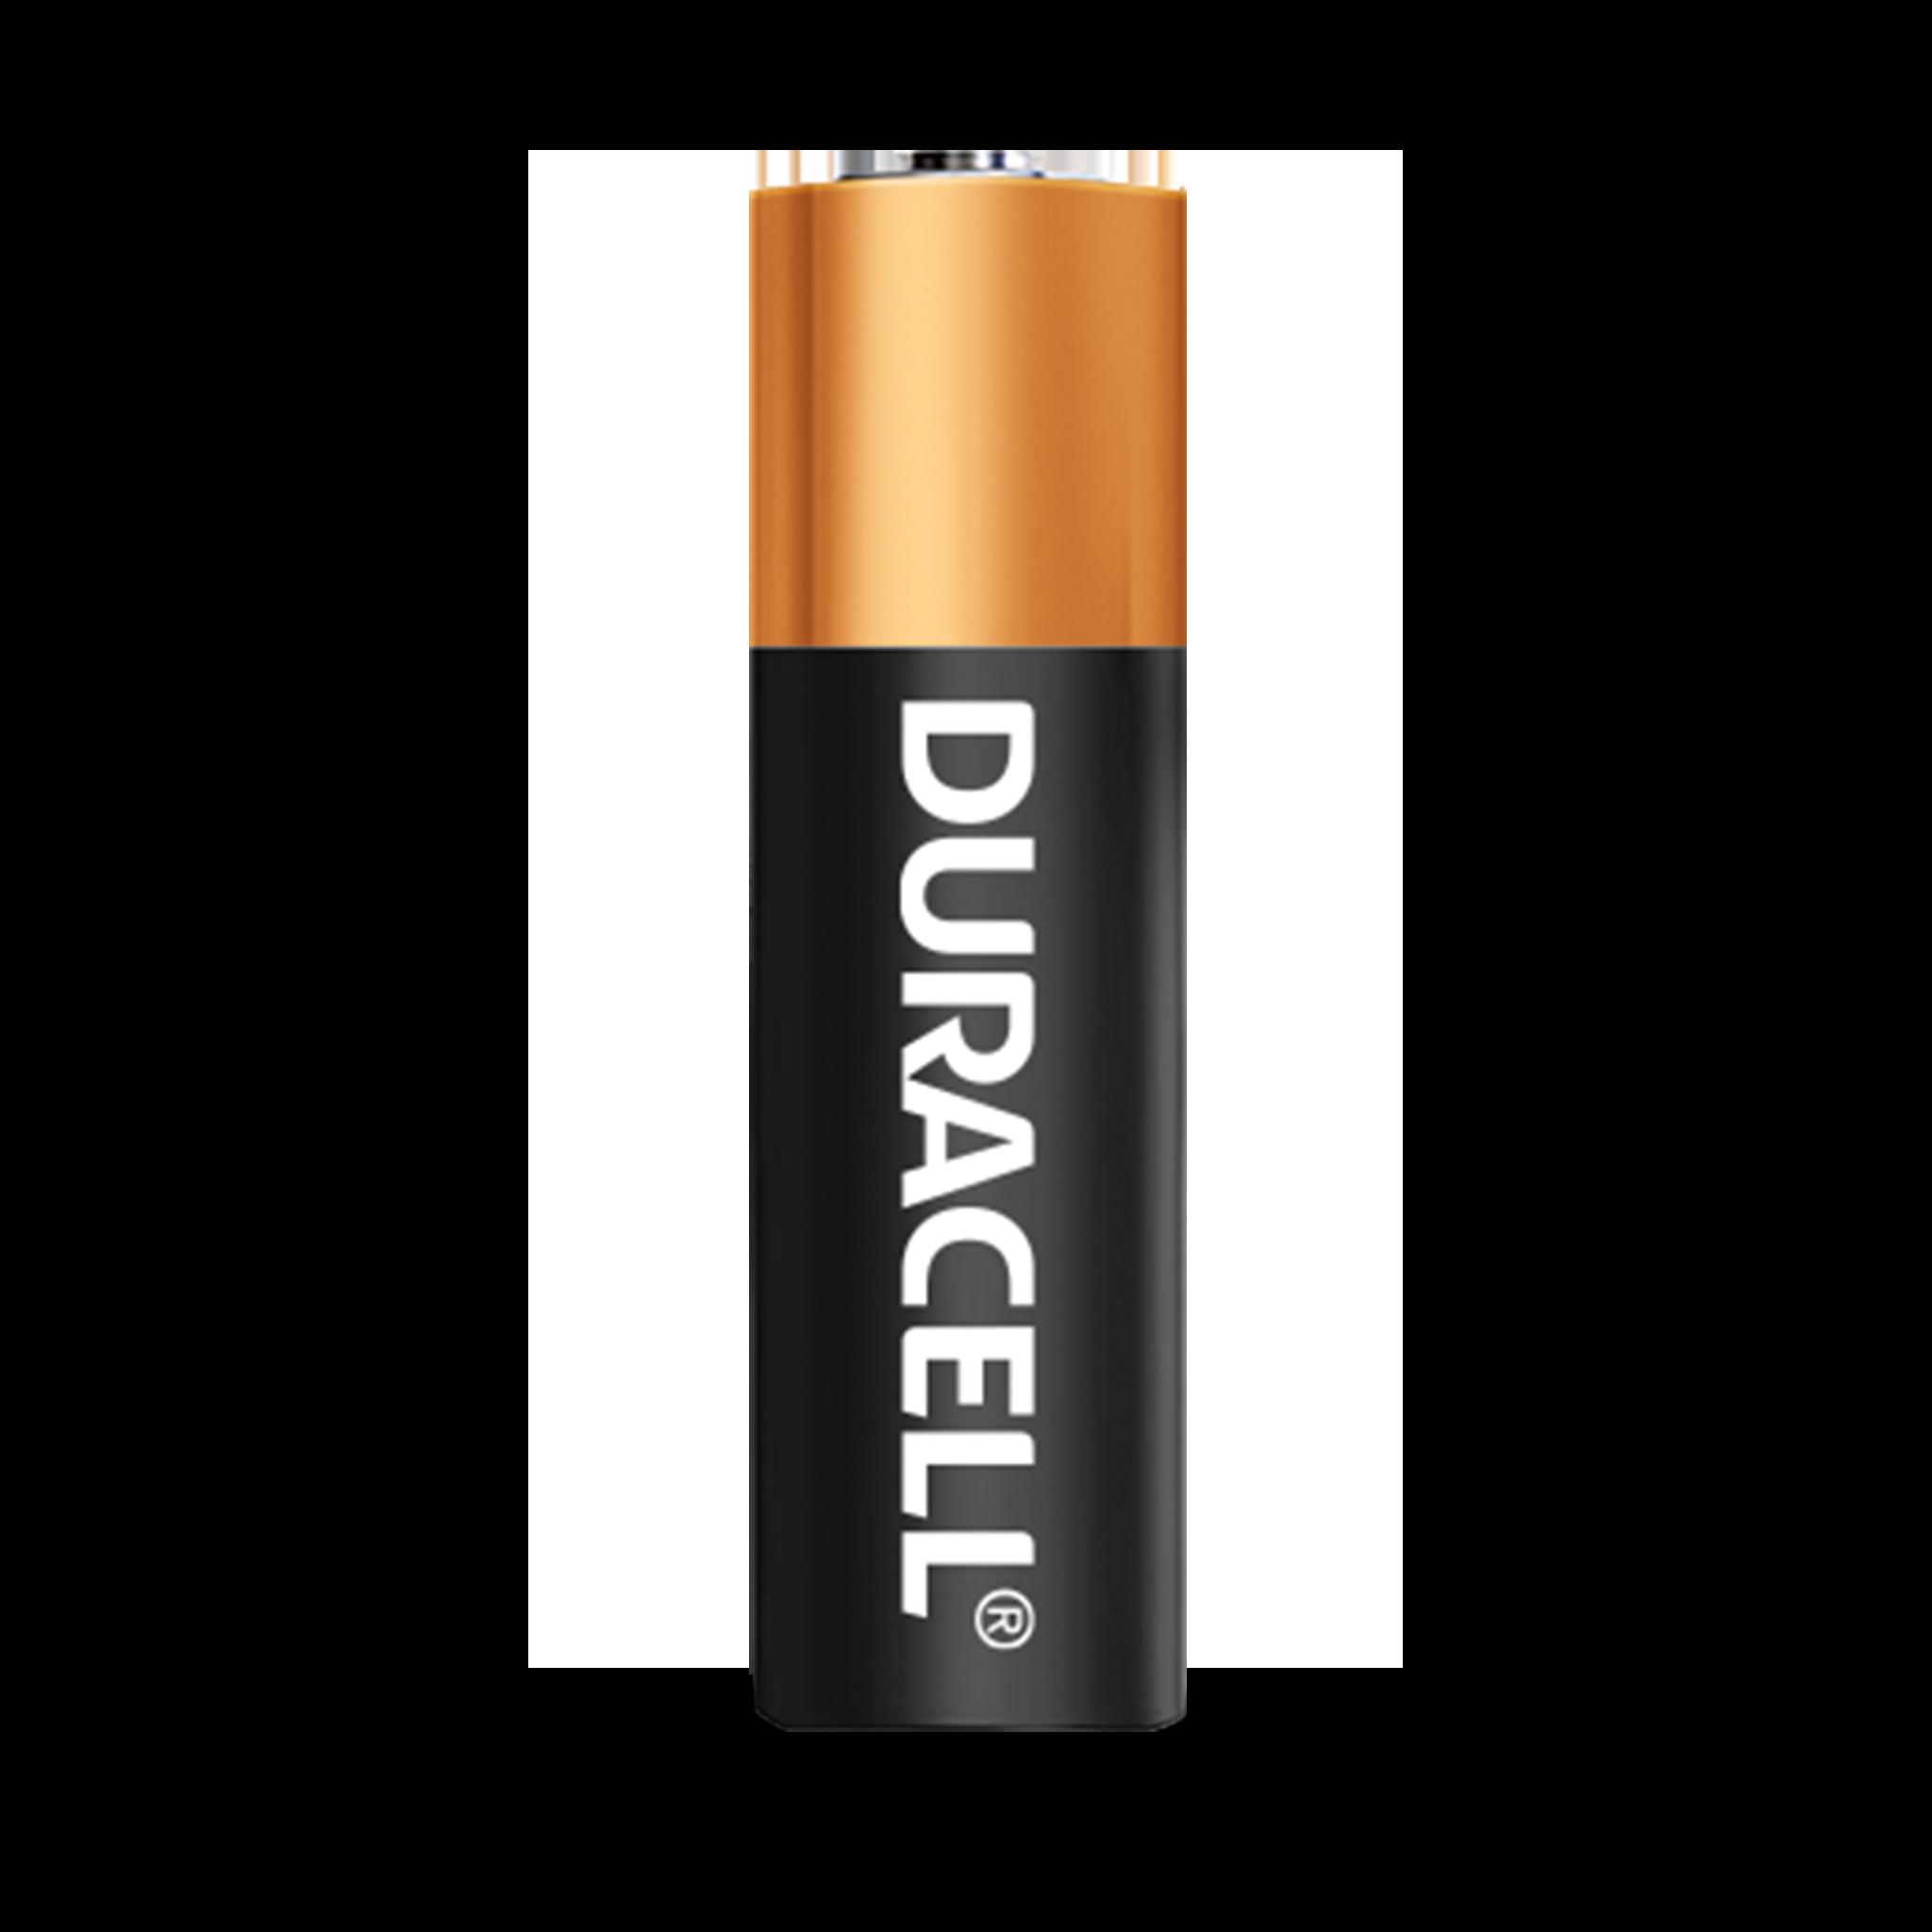 Standalone MN27 battery